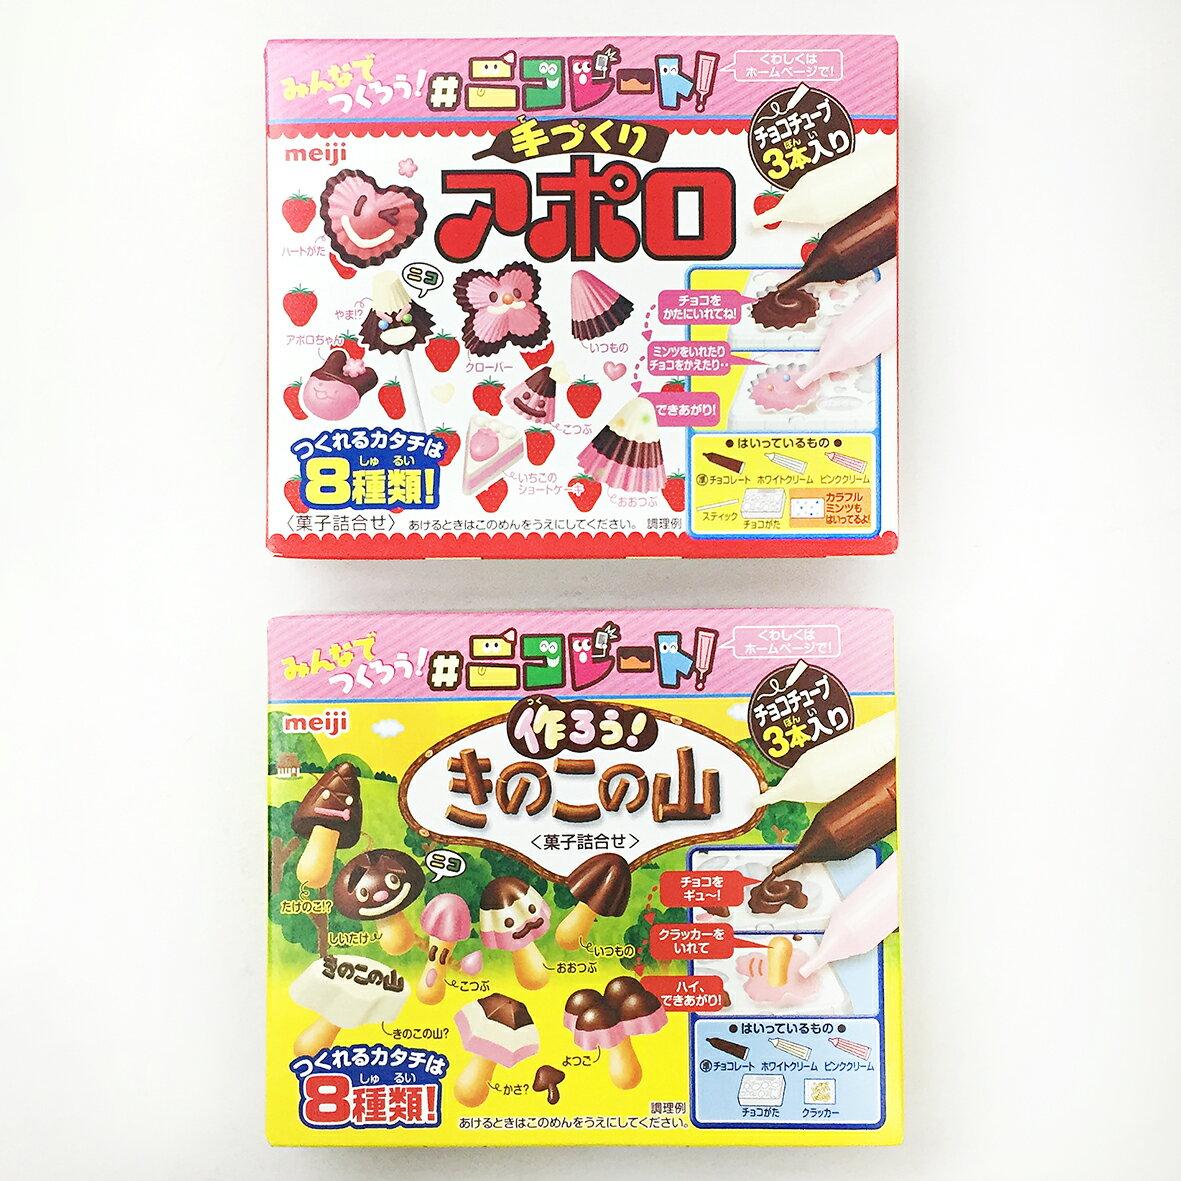 明治meiji DIY巧克力組-阿波羅草莓巧克力/香菇山巧克力餅乾